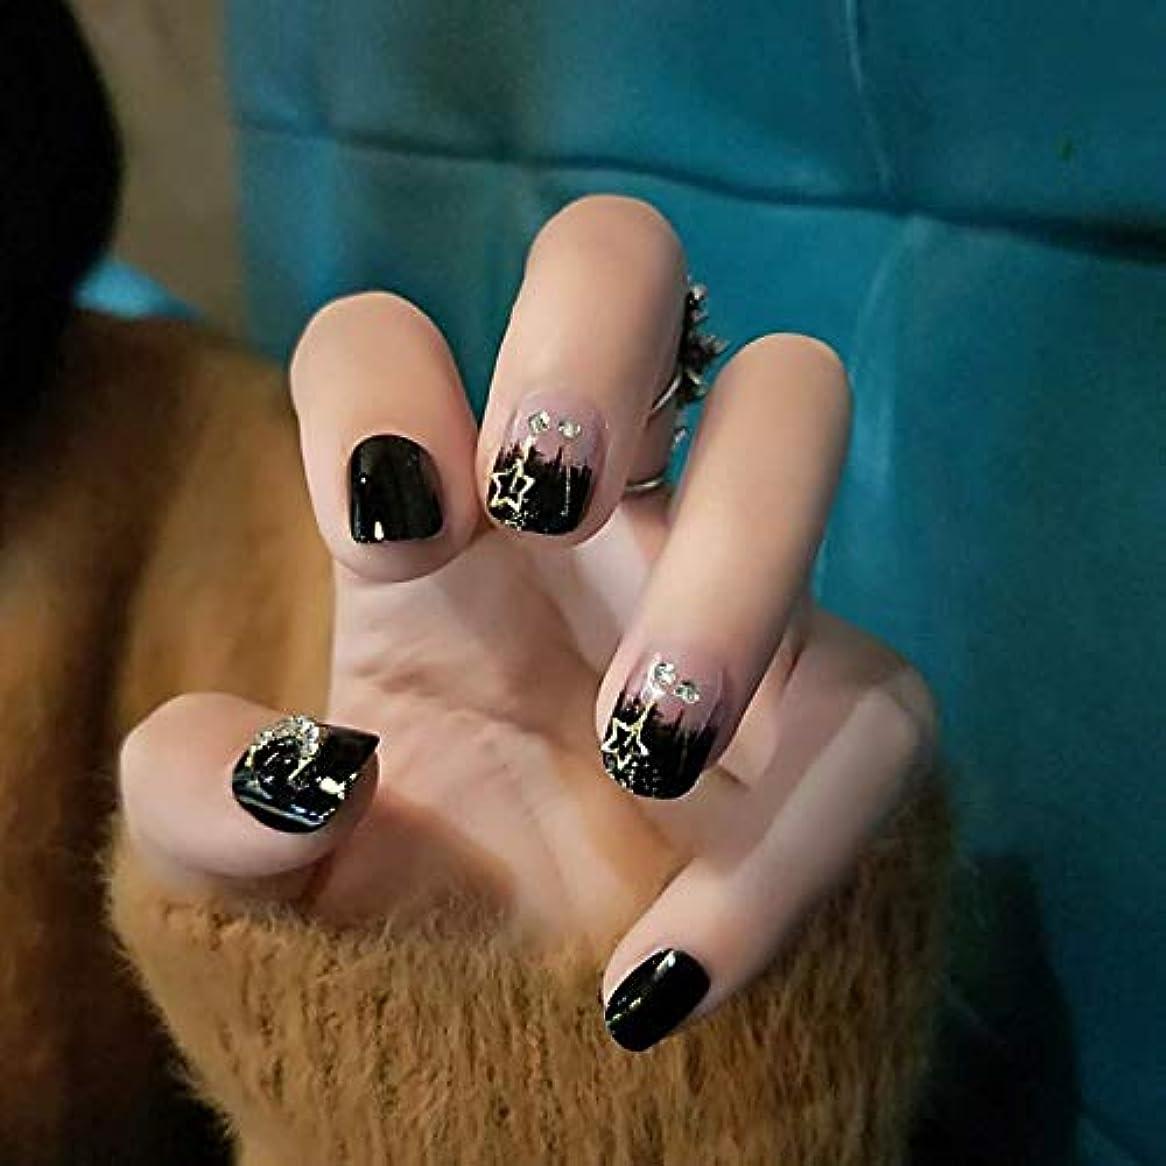 学士ピアニスト地震NANNAN ネイルチップ ネイルチップ つけ爪 付け爪 つけ方簡単 ネイル デコネイルコレクション シール ハロウィン 母の日 パーティ 人気 毎日変身 24枚セット